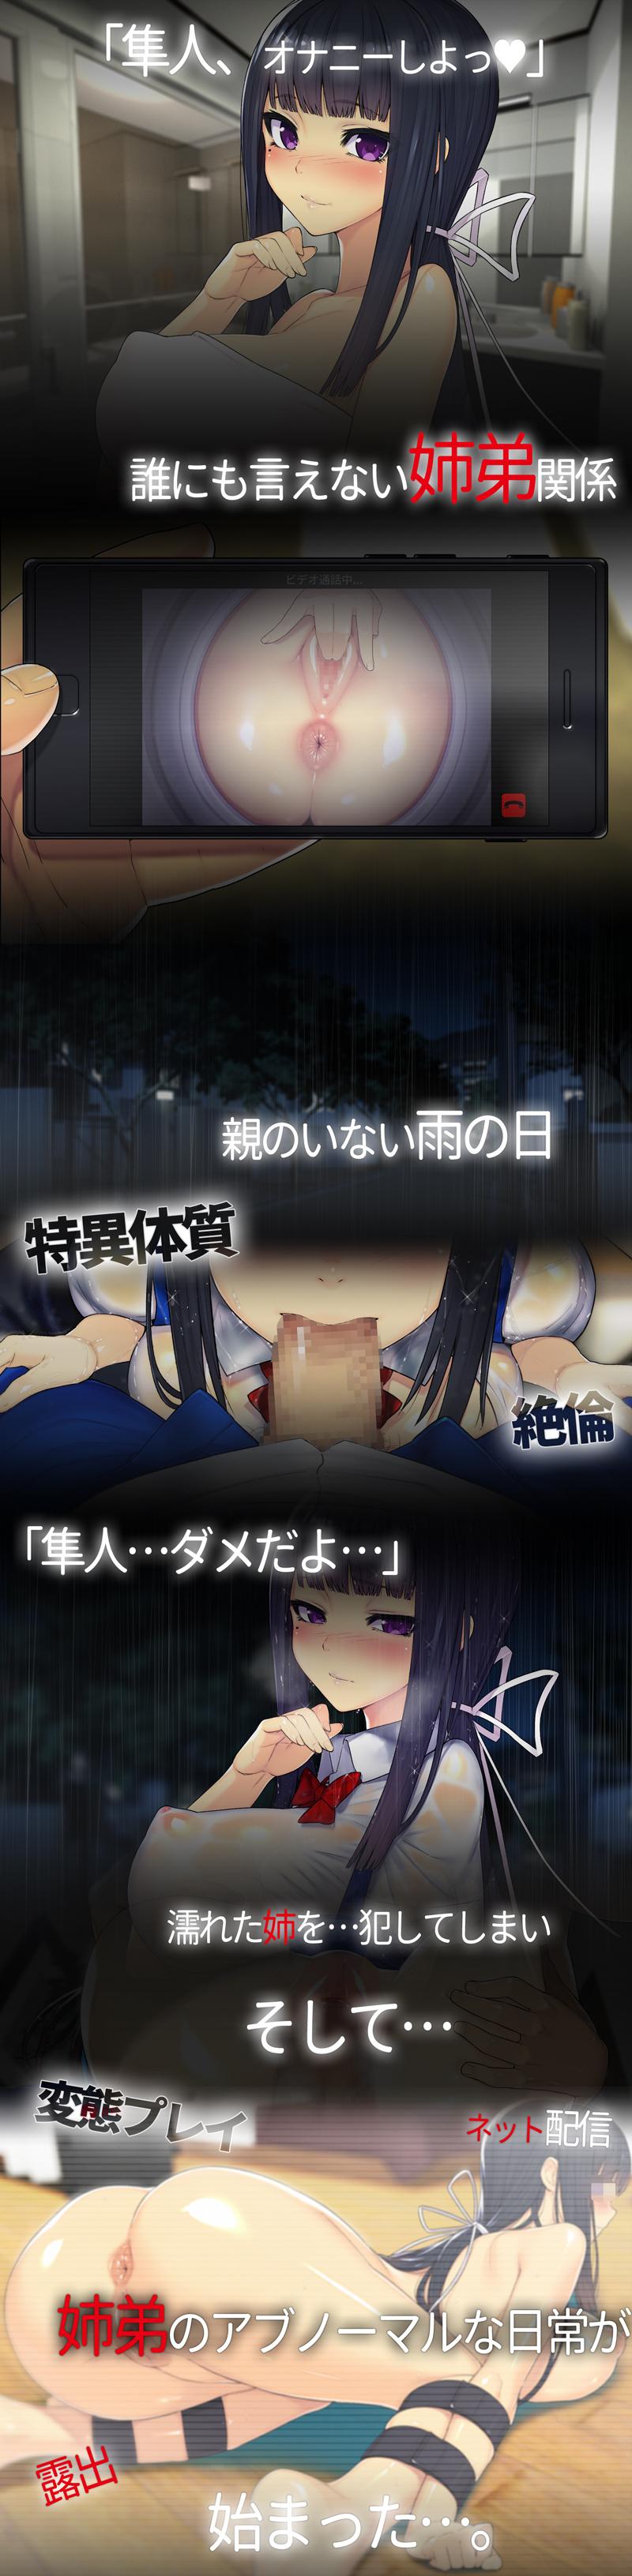 予告 新作CG集第5作品目